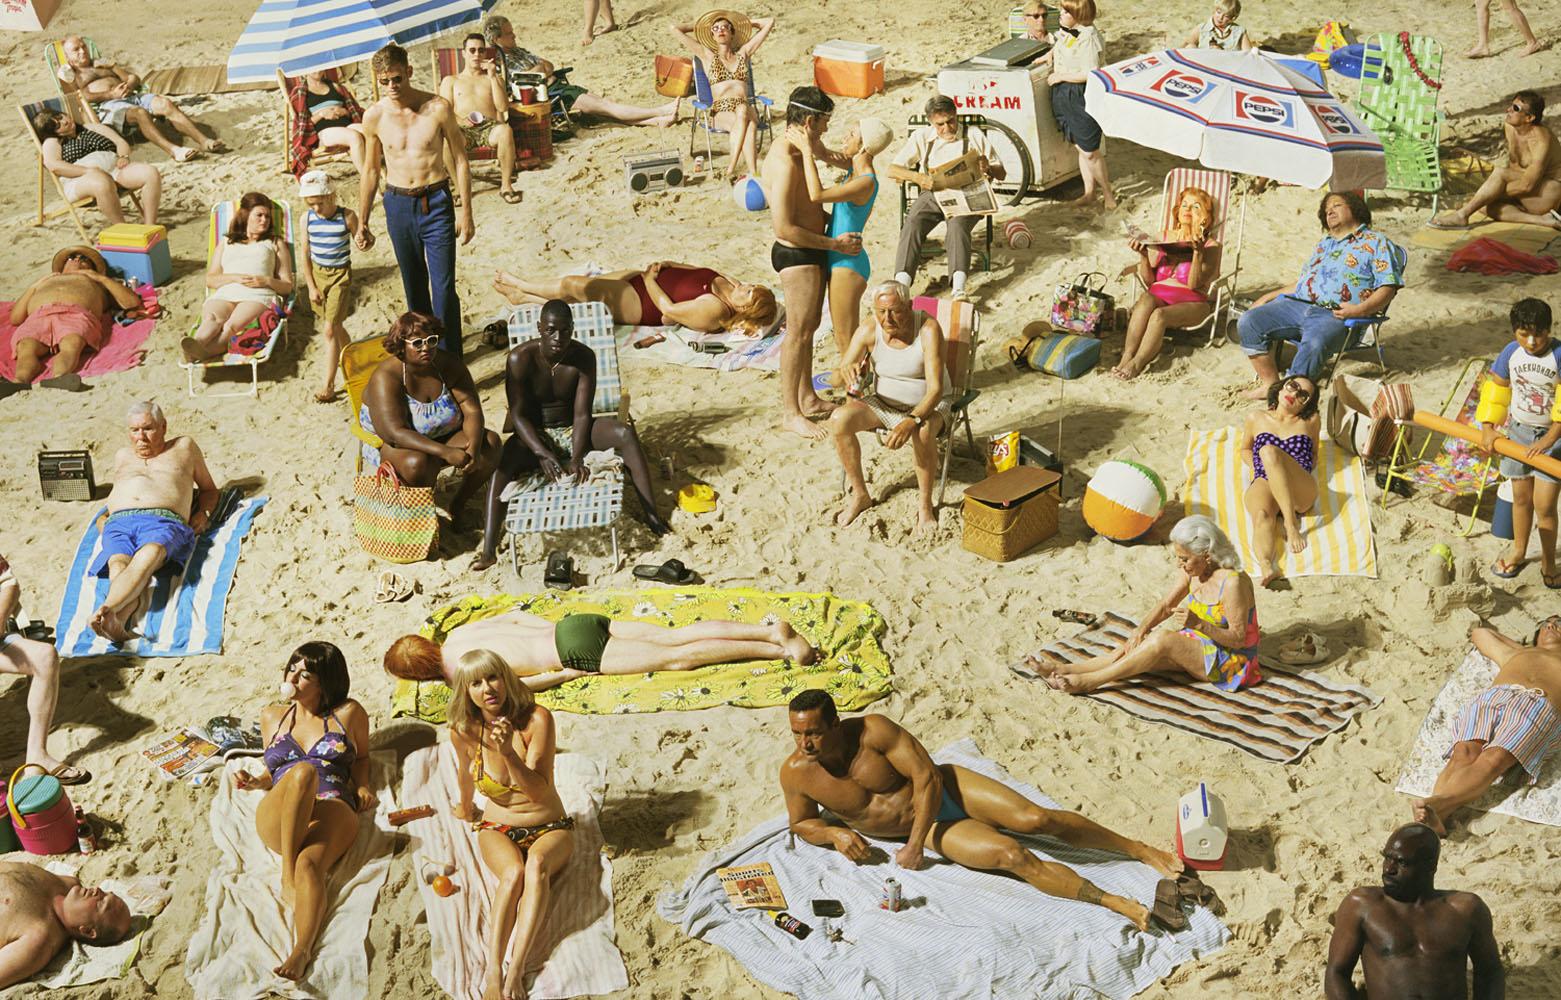 Crowd #3 (Pelican Beach), 2013